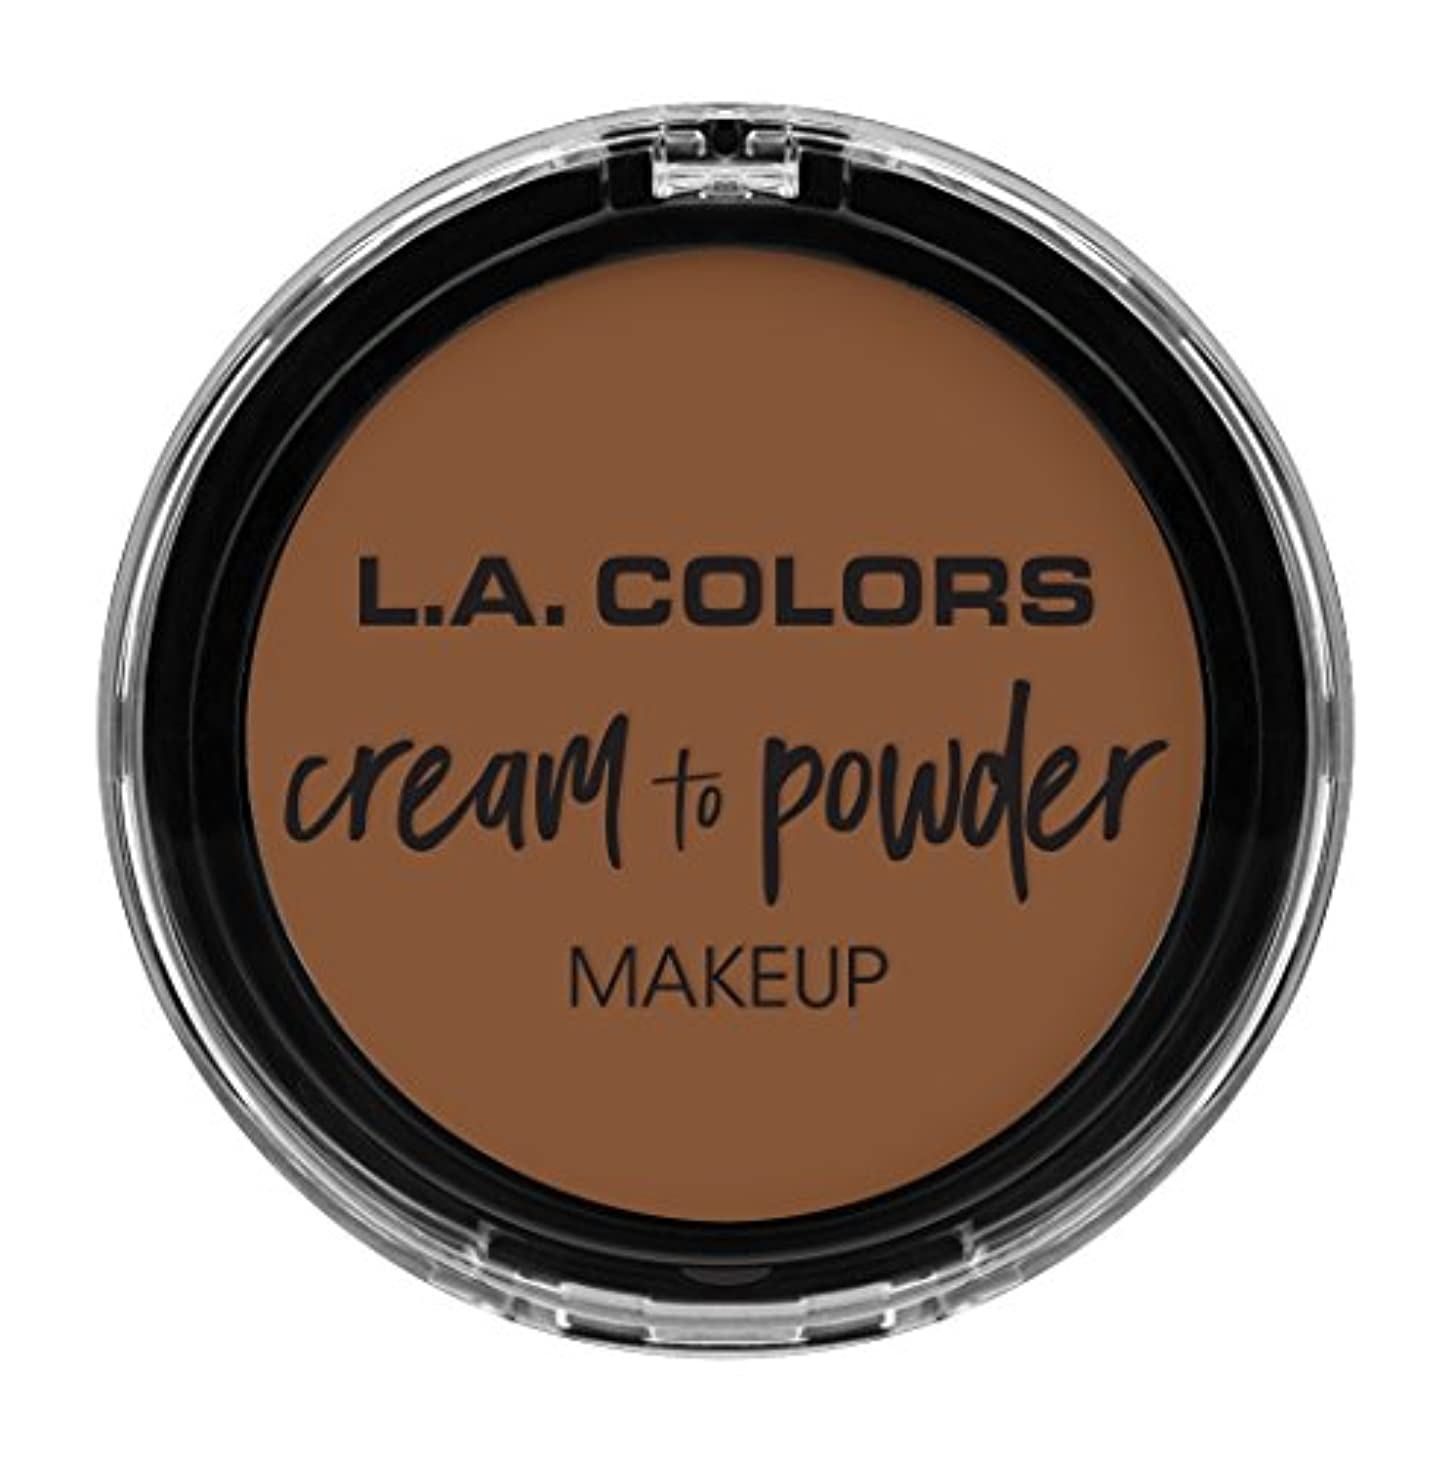 告白するいちゃつく起こるL.A. COLORS Cream To Powder Foundation - Toast (並行輸入品)